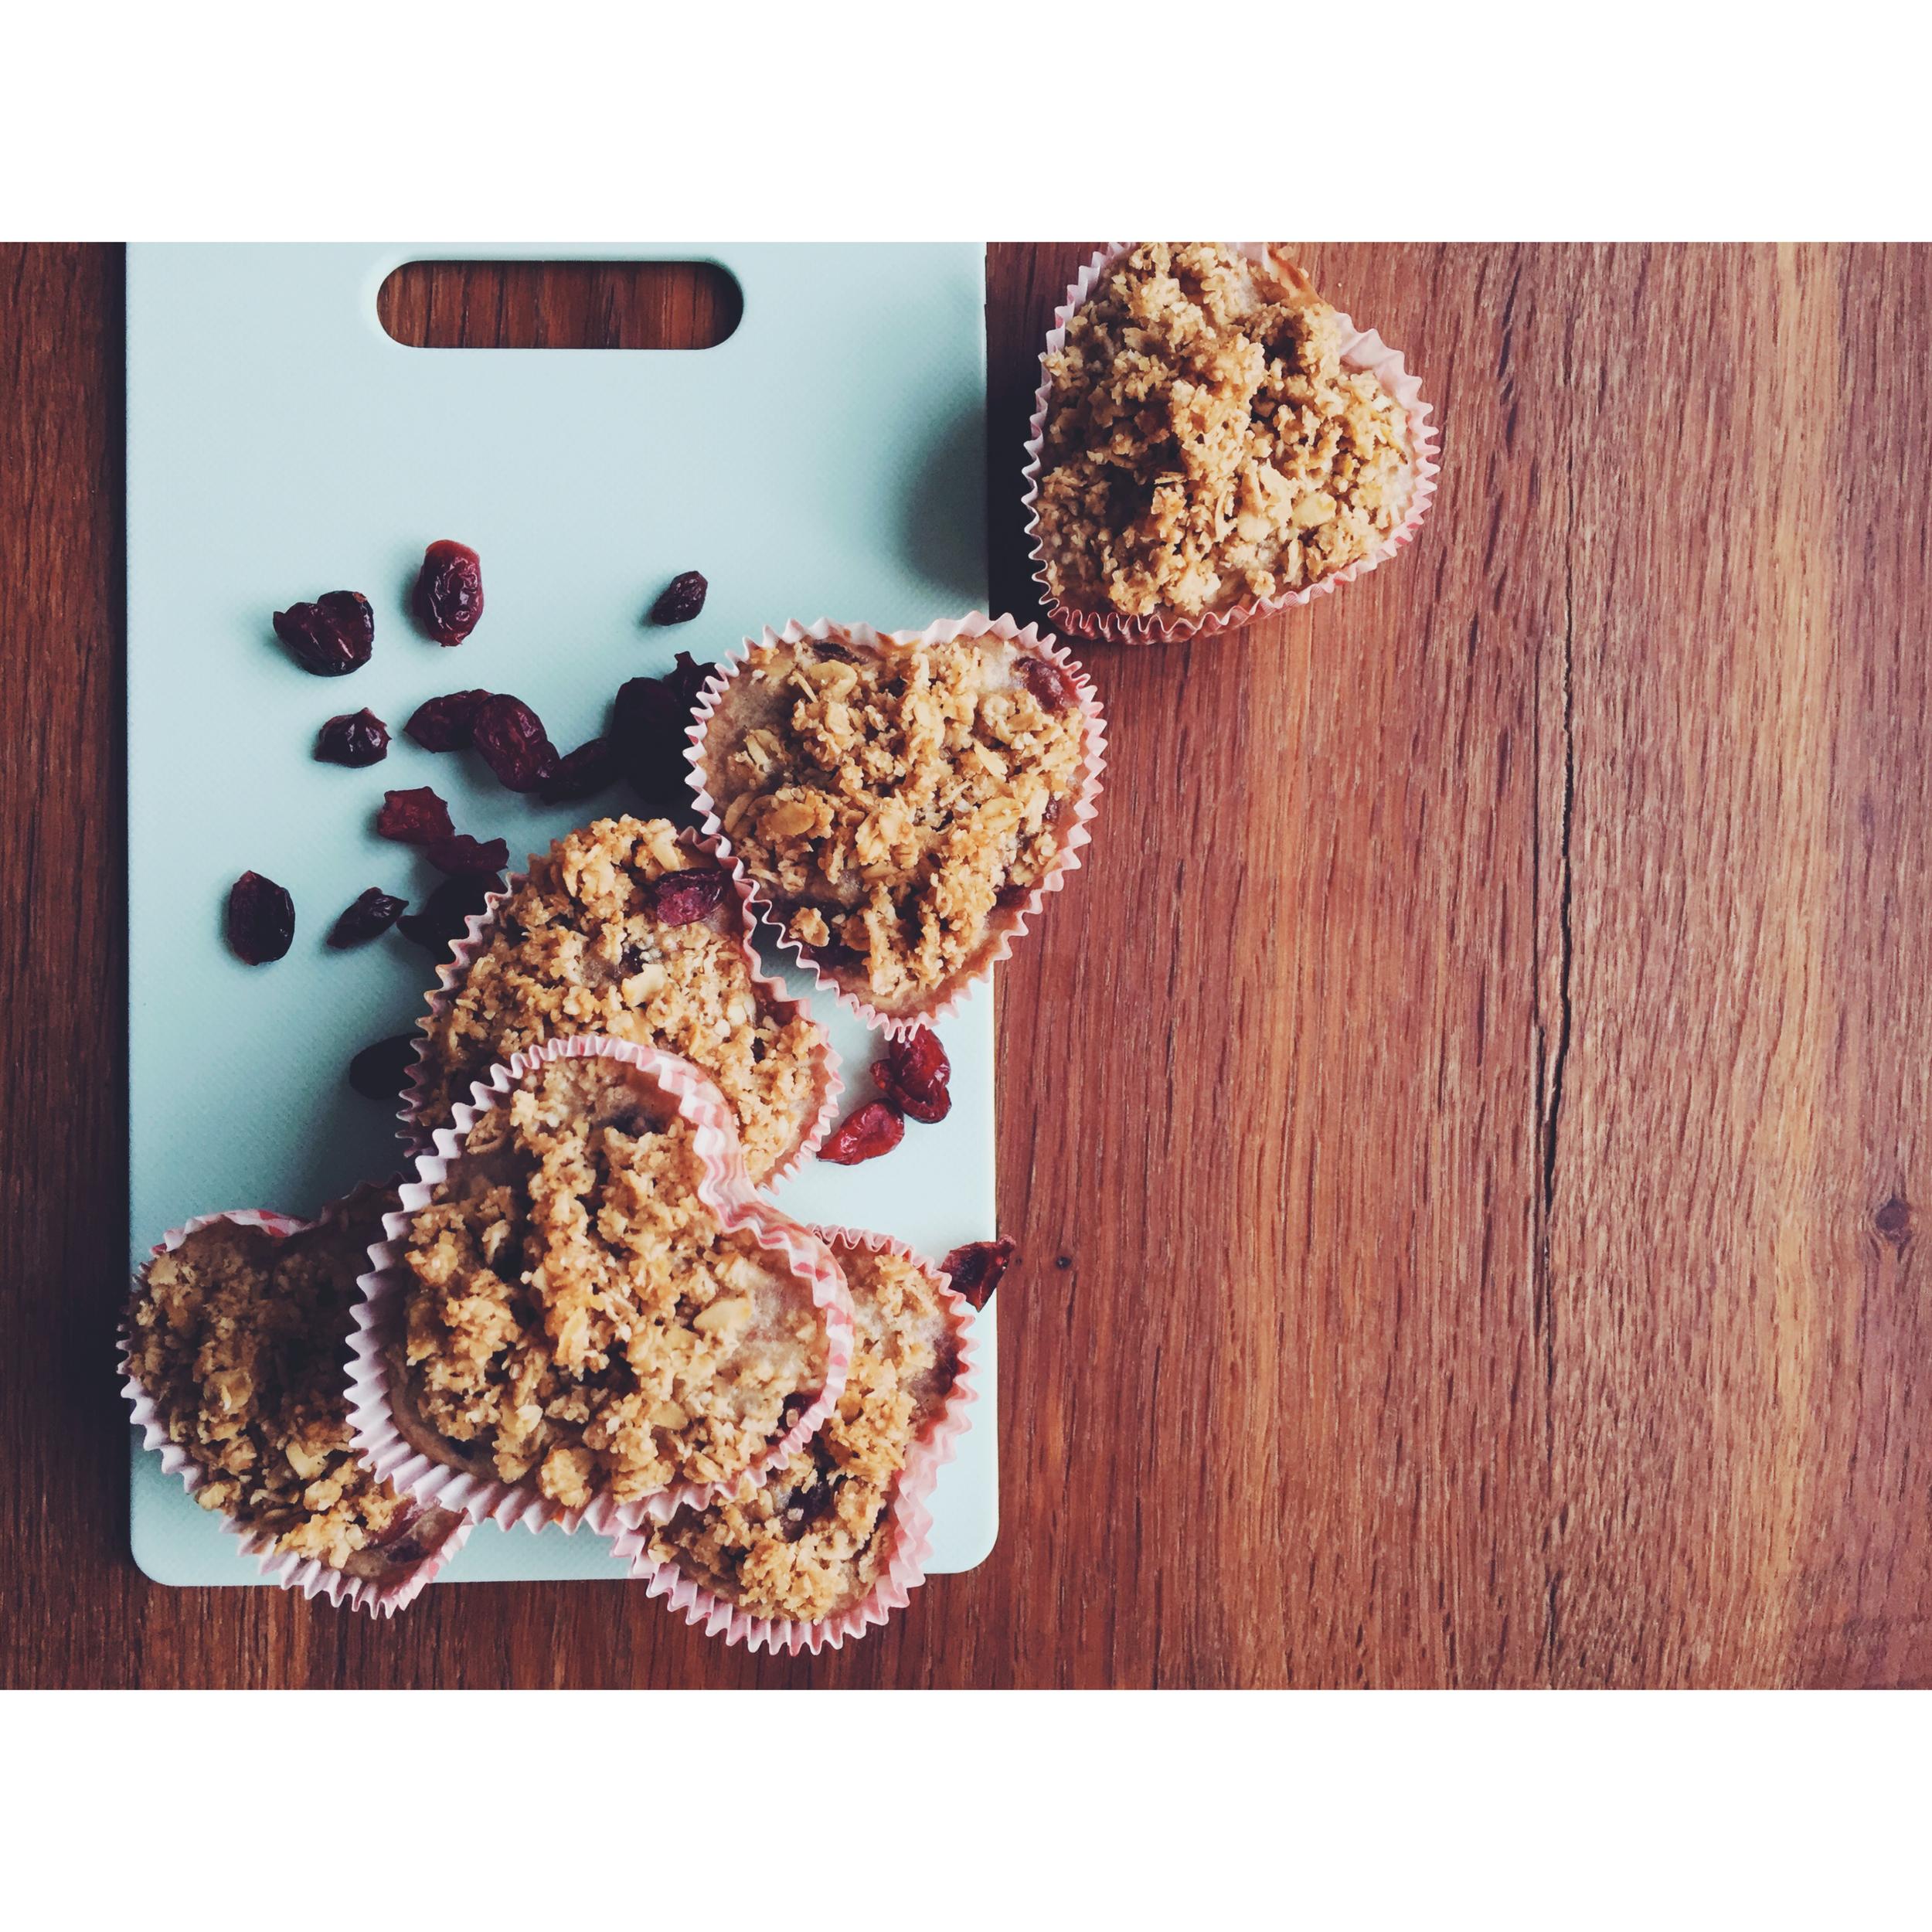 brokastu auzu mafini ar auzu drupačām - šķiedrvielām pārbagāti, brokastīm ideāli, maz taukvielu saturā un ļoti garšo pēc